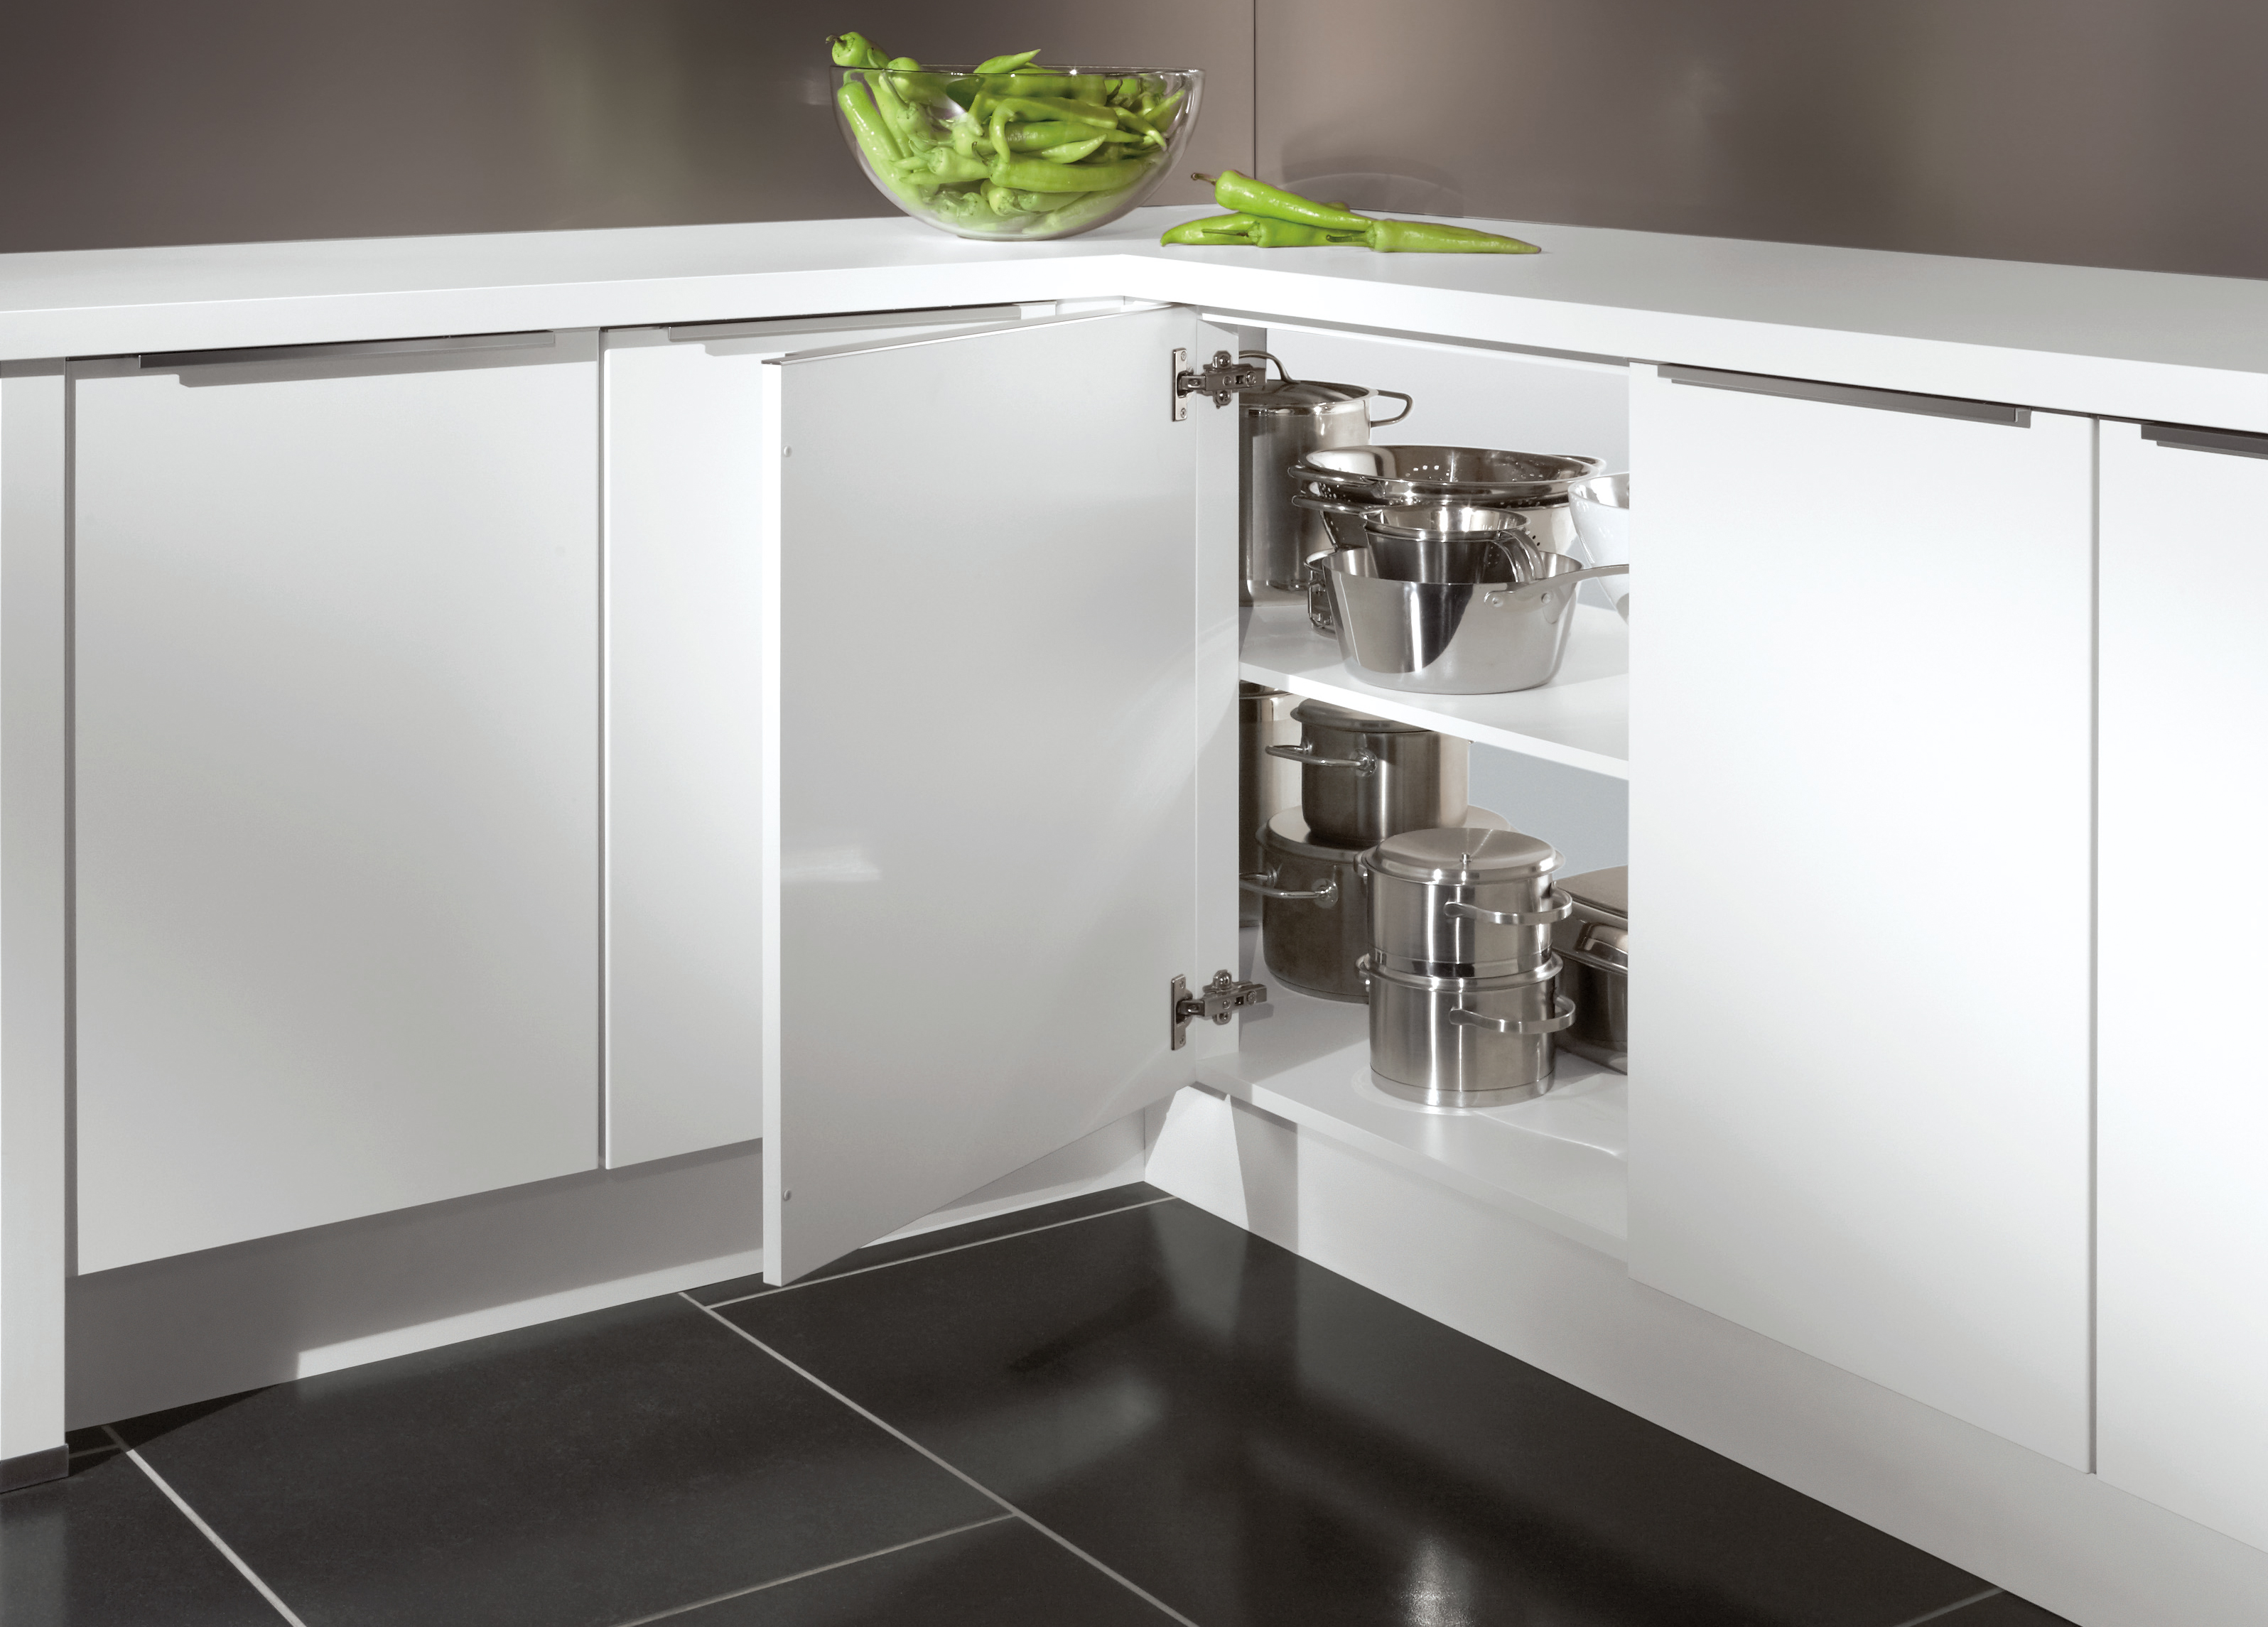 Clevere Ausstattung für eine perfekt organisierte Küche - Küche&Co